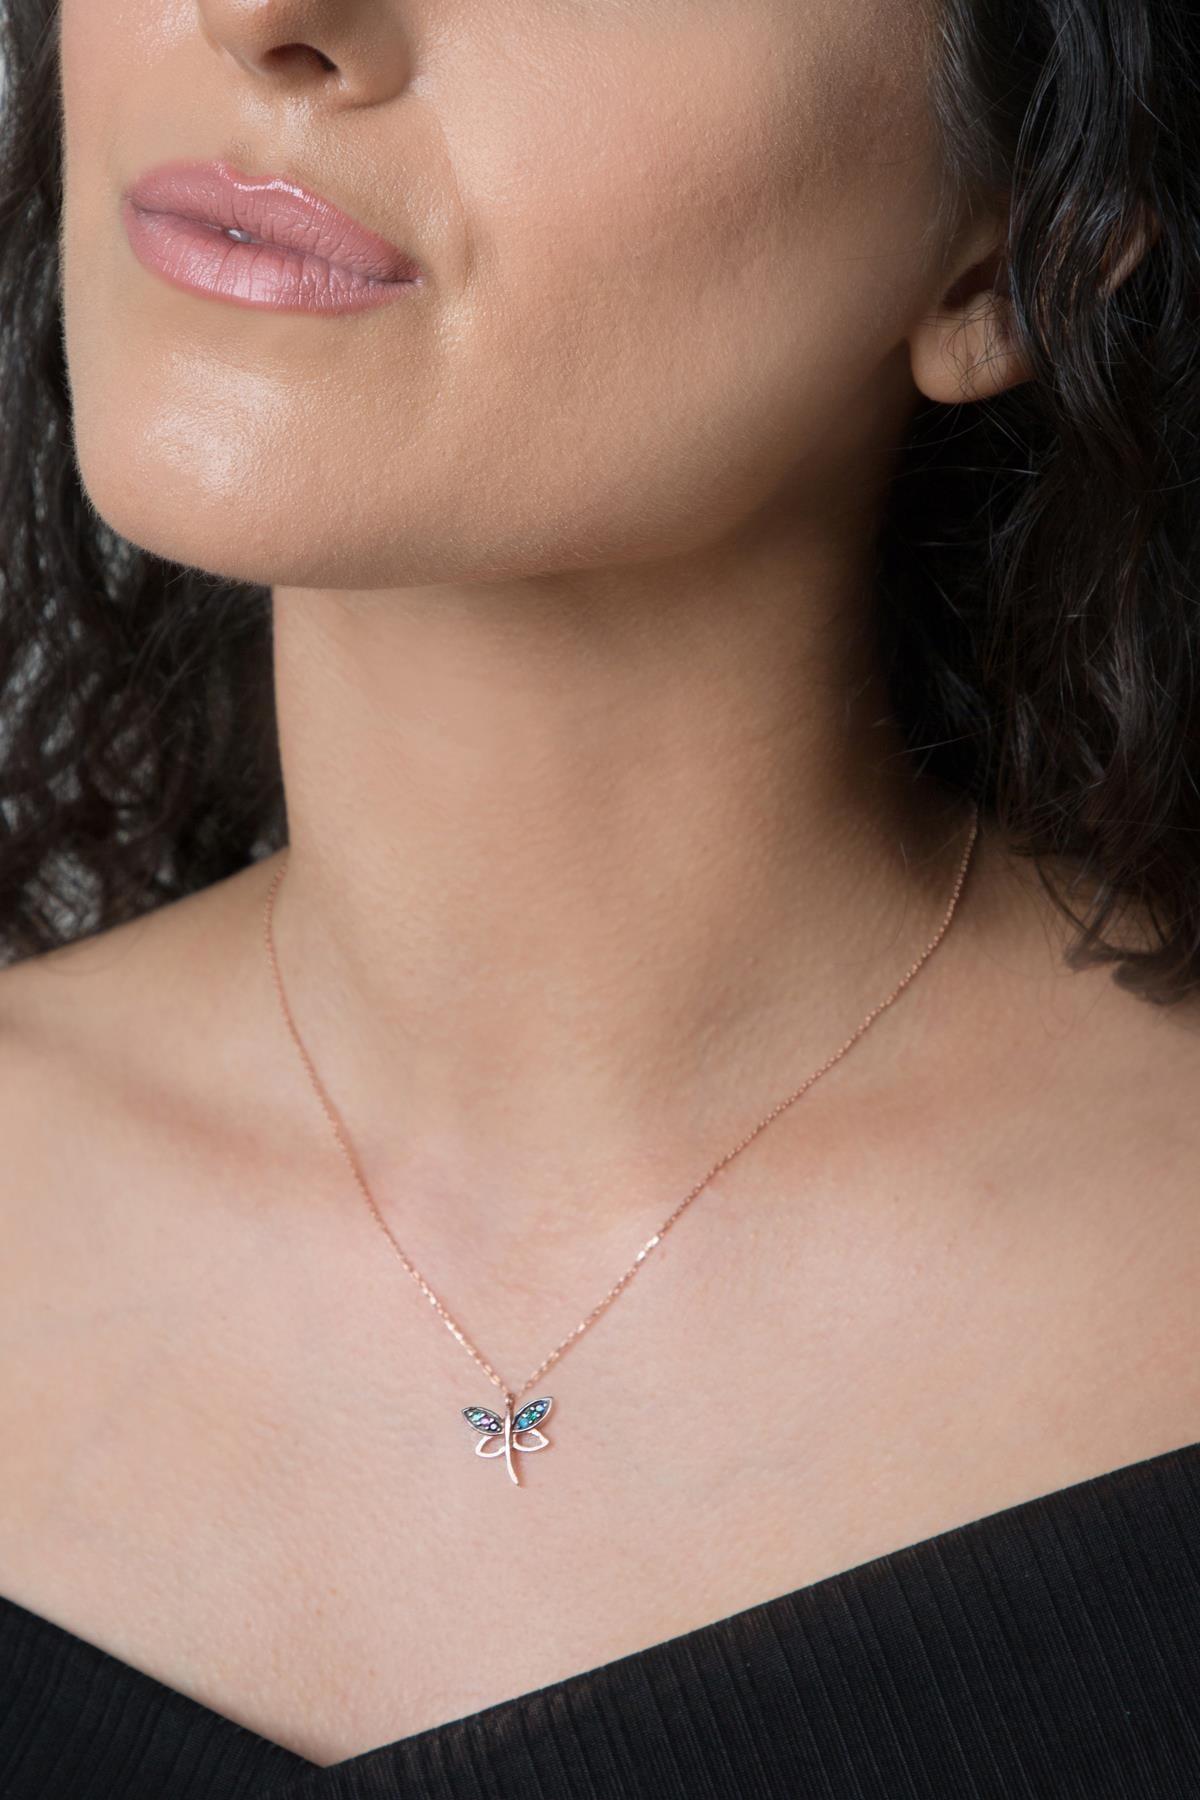 Elika Silver Kadın Yusufçuk Model Mıx Taşlı Rose Kaplama 925 Ayar Gümüş Kolye PP2235 0